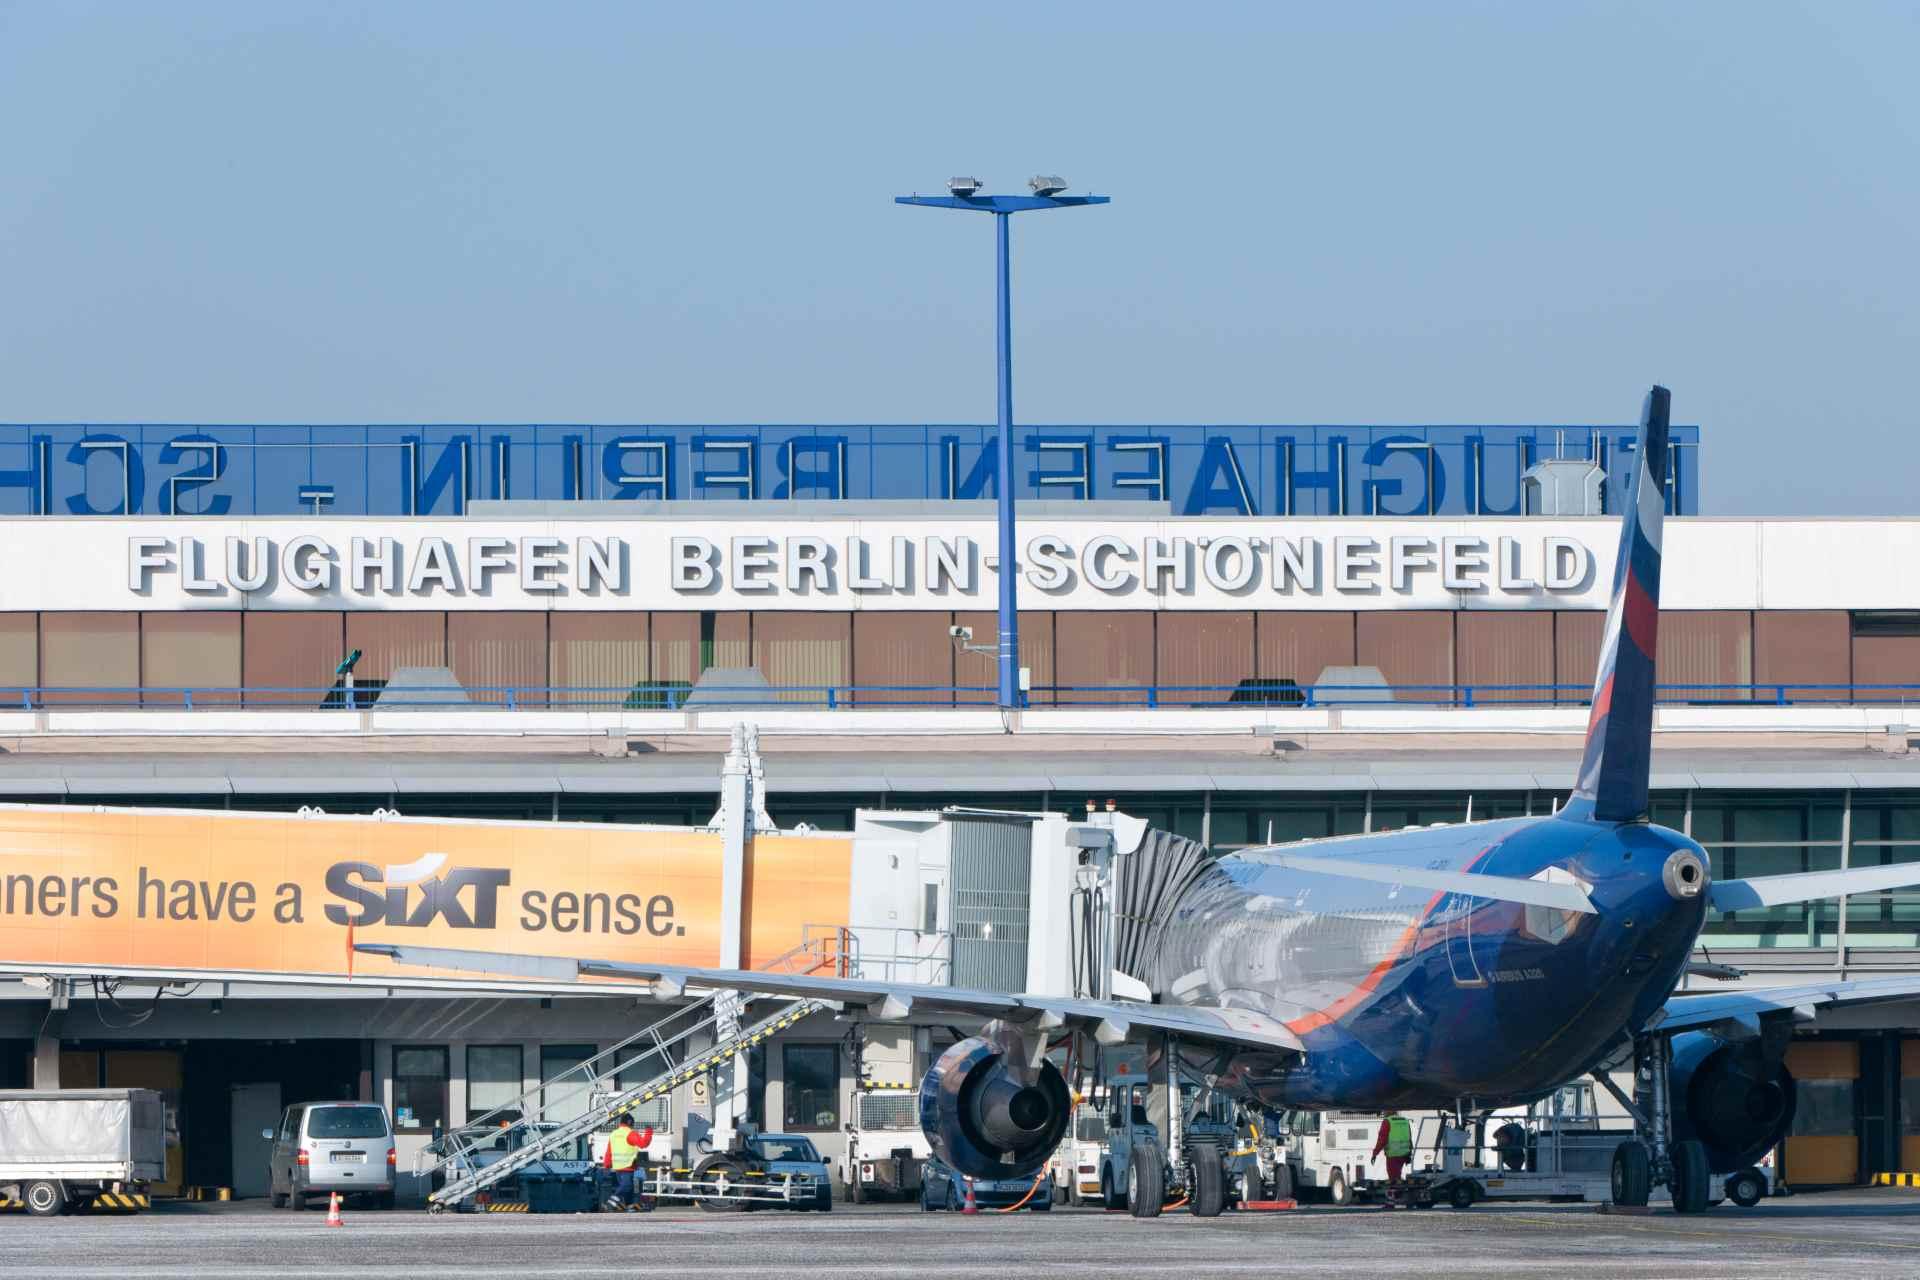 Flughafen Berlin-Schönefeld Flugzeug beim Boarding